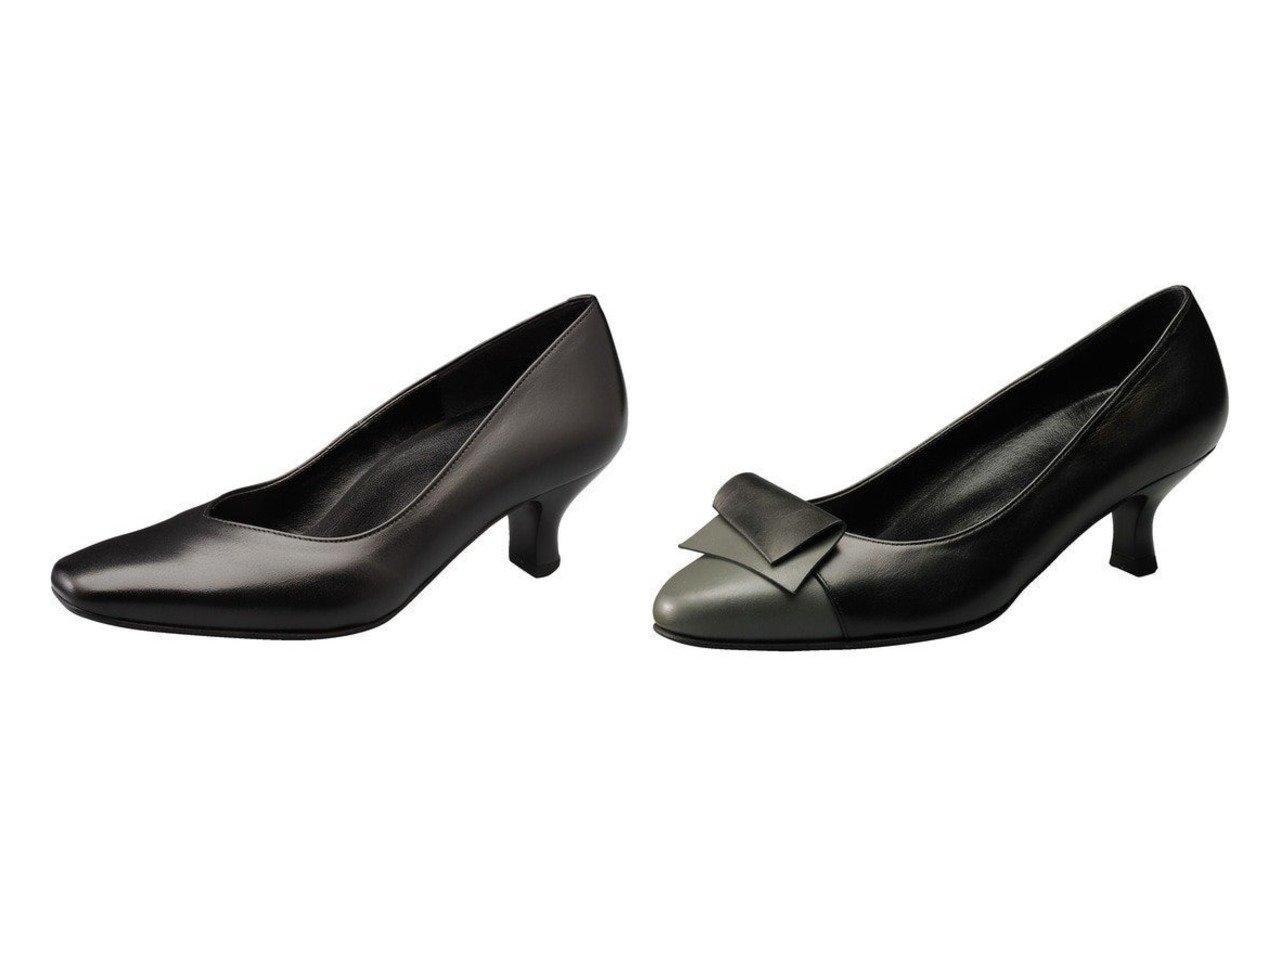 【success walk/サクセスウォーク】のサクセスウォーク ヒール高5cm 晴雨兼用パンプスワコール&サクセスウォーク ヒール 高5cm スタイリッシュパンプスワコール シューズ・靴のおすすめ!人気、レディースファッションの通販 おすすめで人気のファッション通販商品 インテリア・家具・キッズファッション・メンズファッション・レディースファッション・服の通販 founy(ファニー) https://founy.com/ ファッション Fashion レディース WOMEN フィット フェミニン フォルム リボン |ID:crp329100000000996